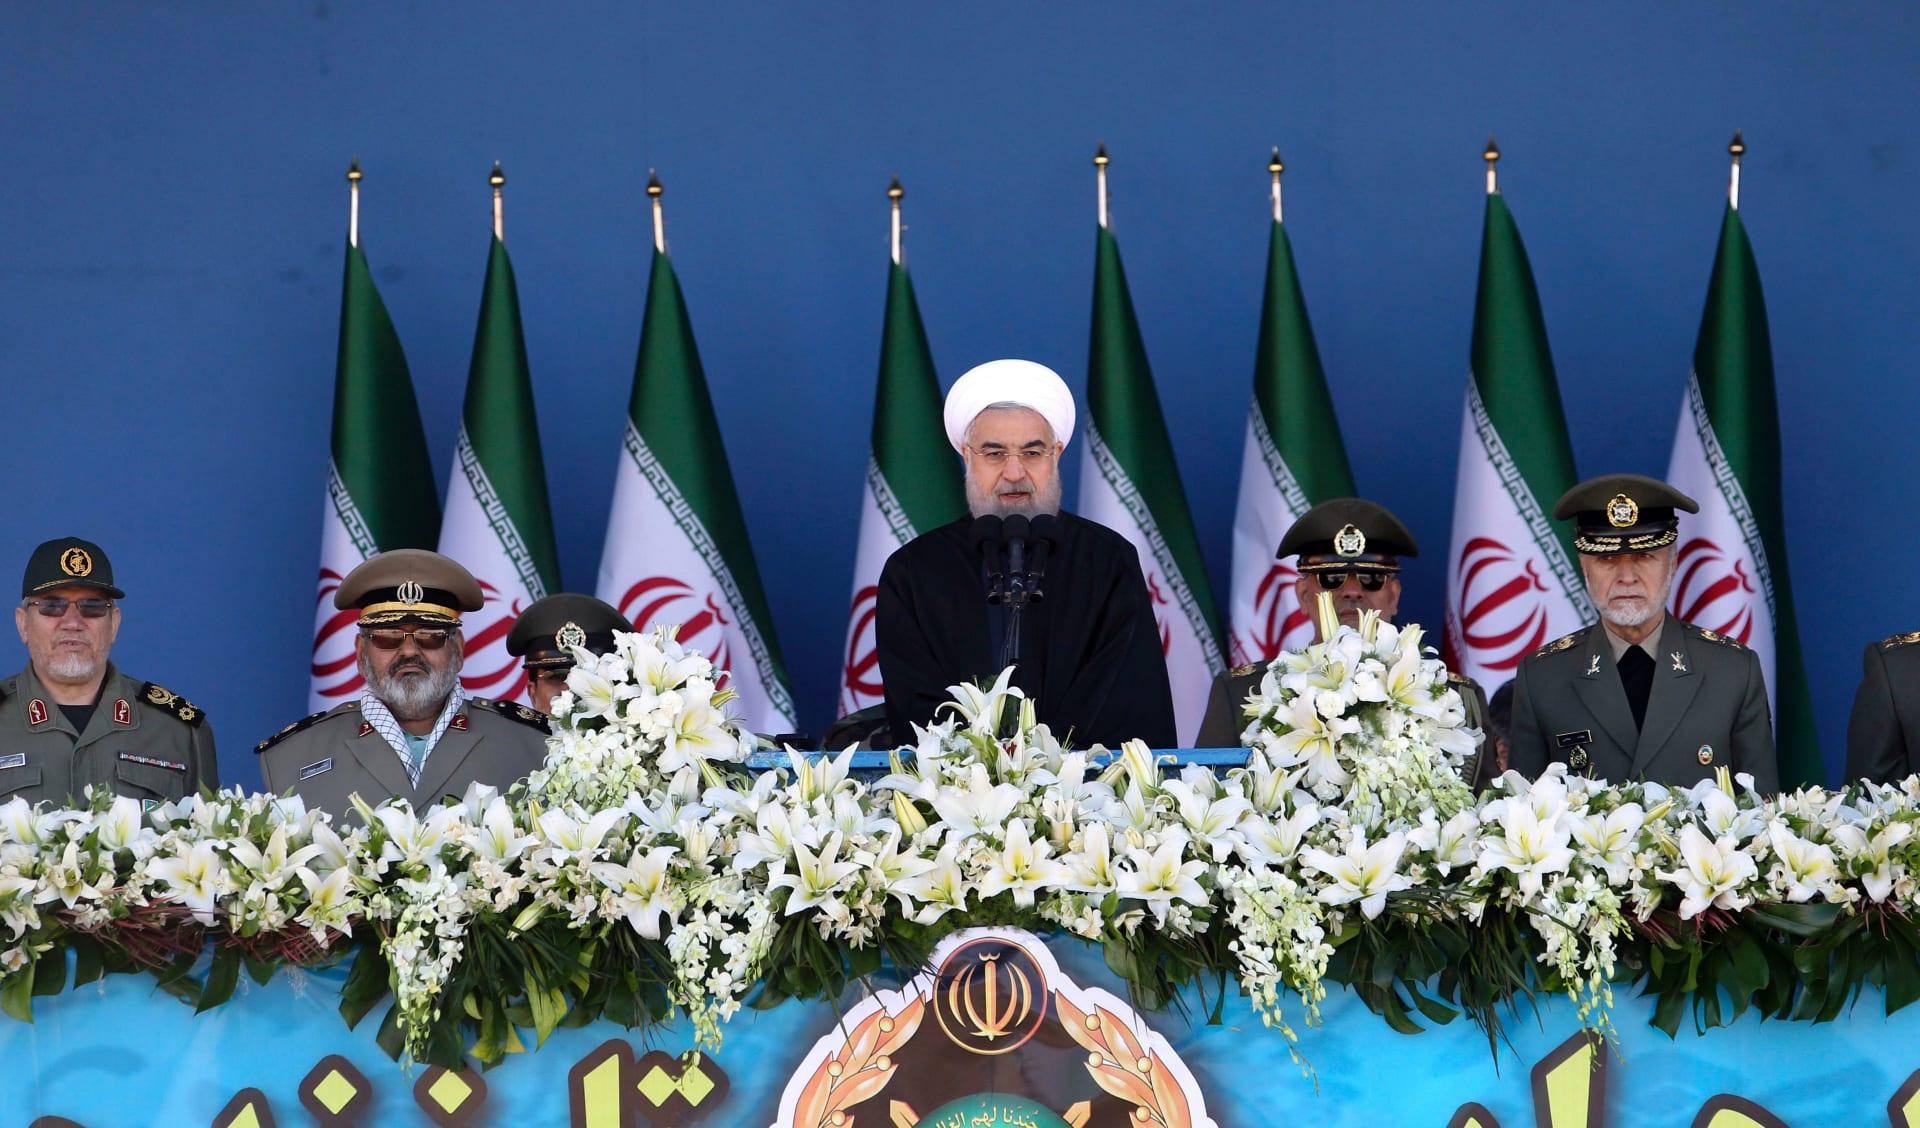 """إيران تتهم السعودية بـ""""الشر والجنون"""".. وتُذكّر بـ""""هبة"""" المملكة لرئيس الوزراء الماليزي"""